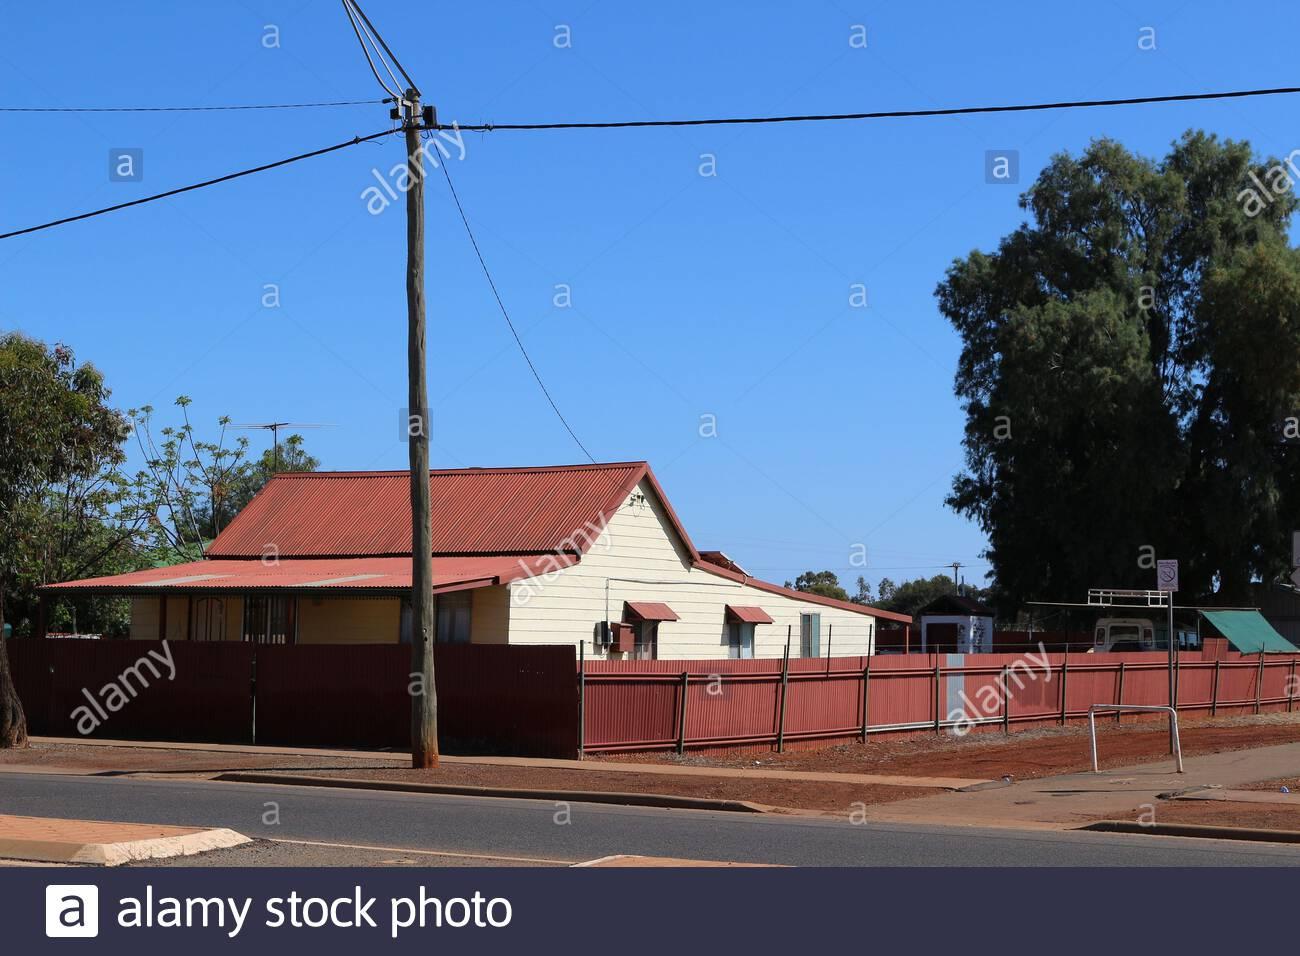 Viviendas unifamiliares casa con techo de chapa ondulada y cercado, en el oeste de Australia. Foto de stock